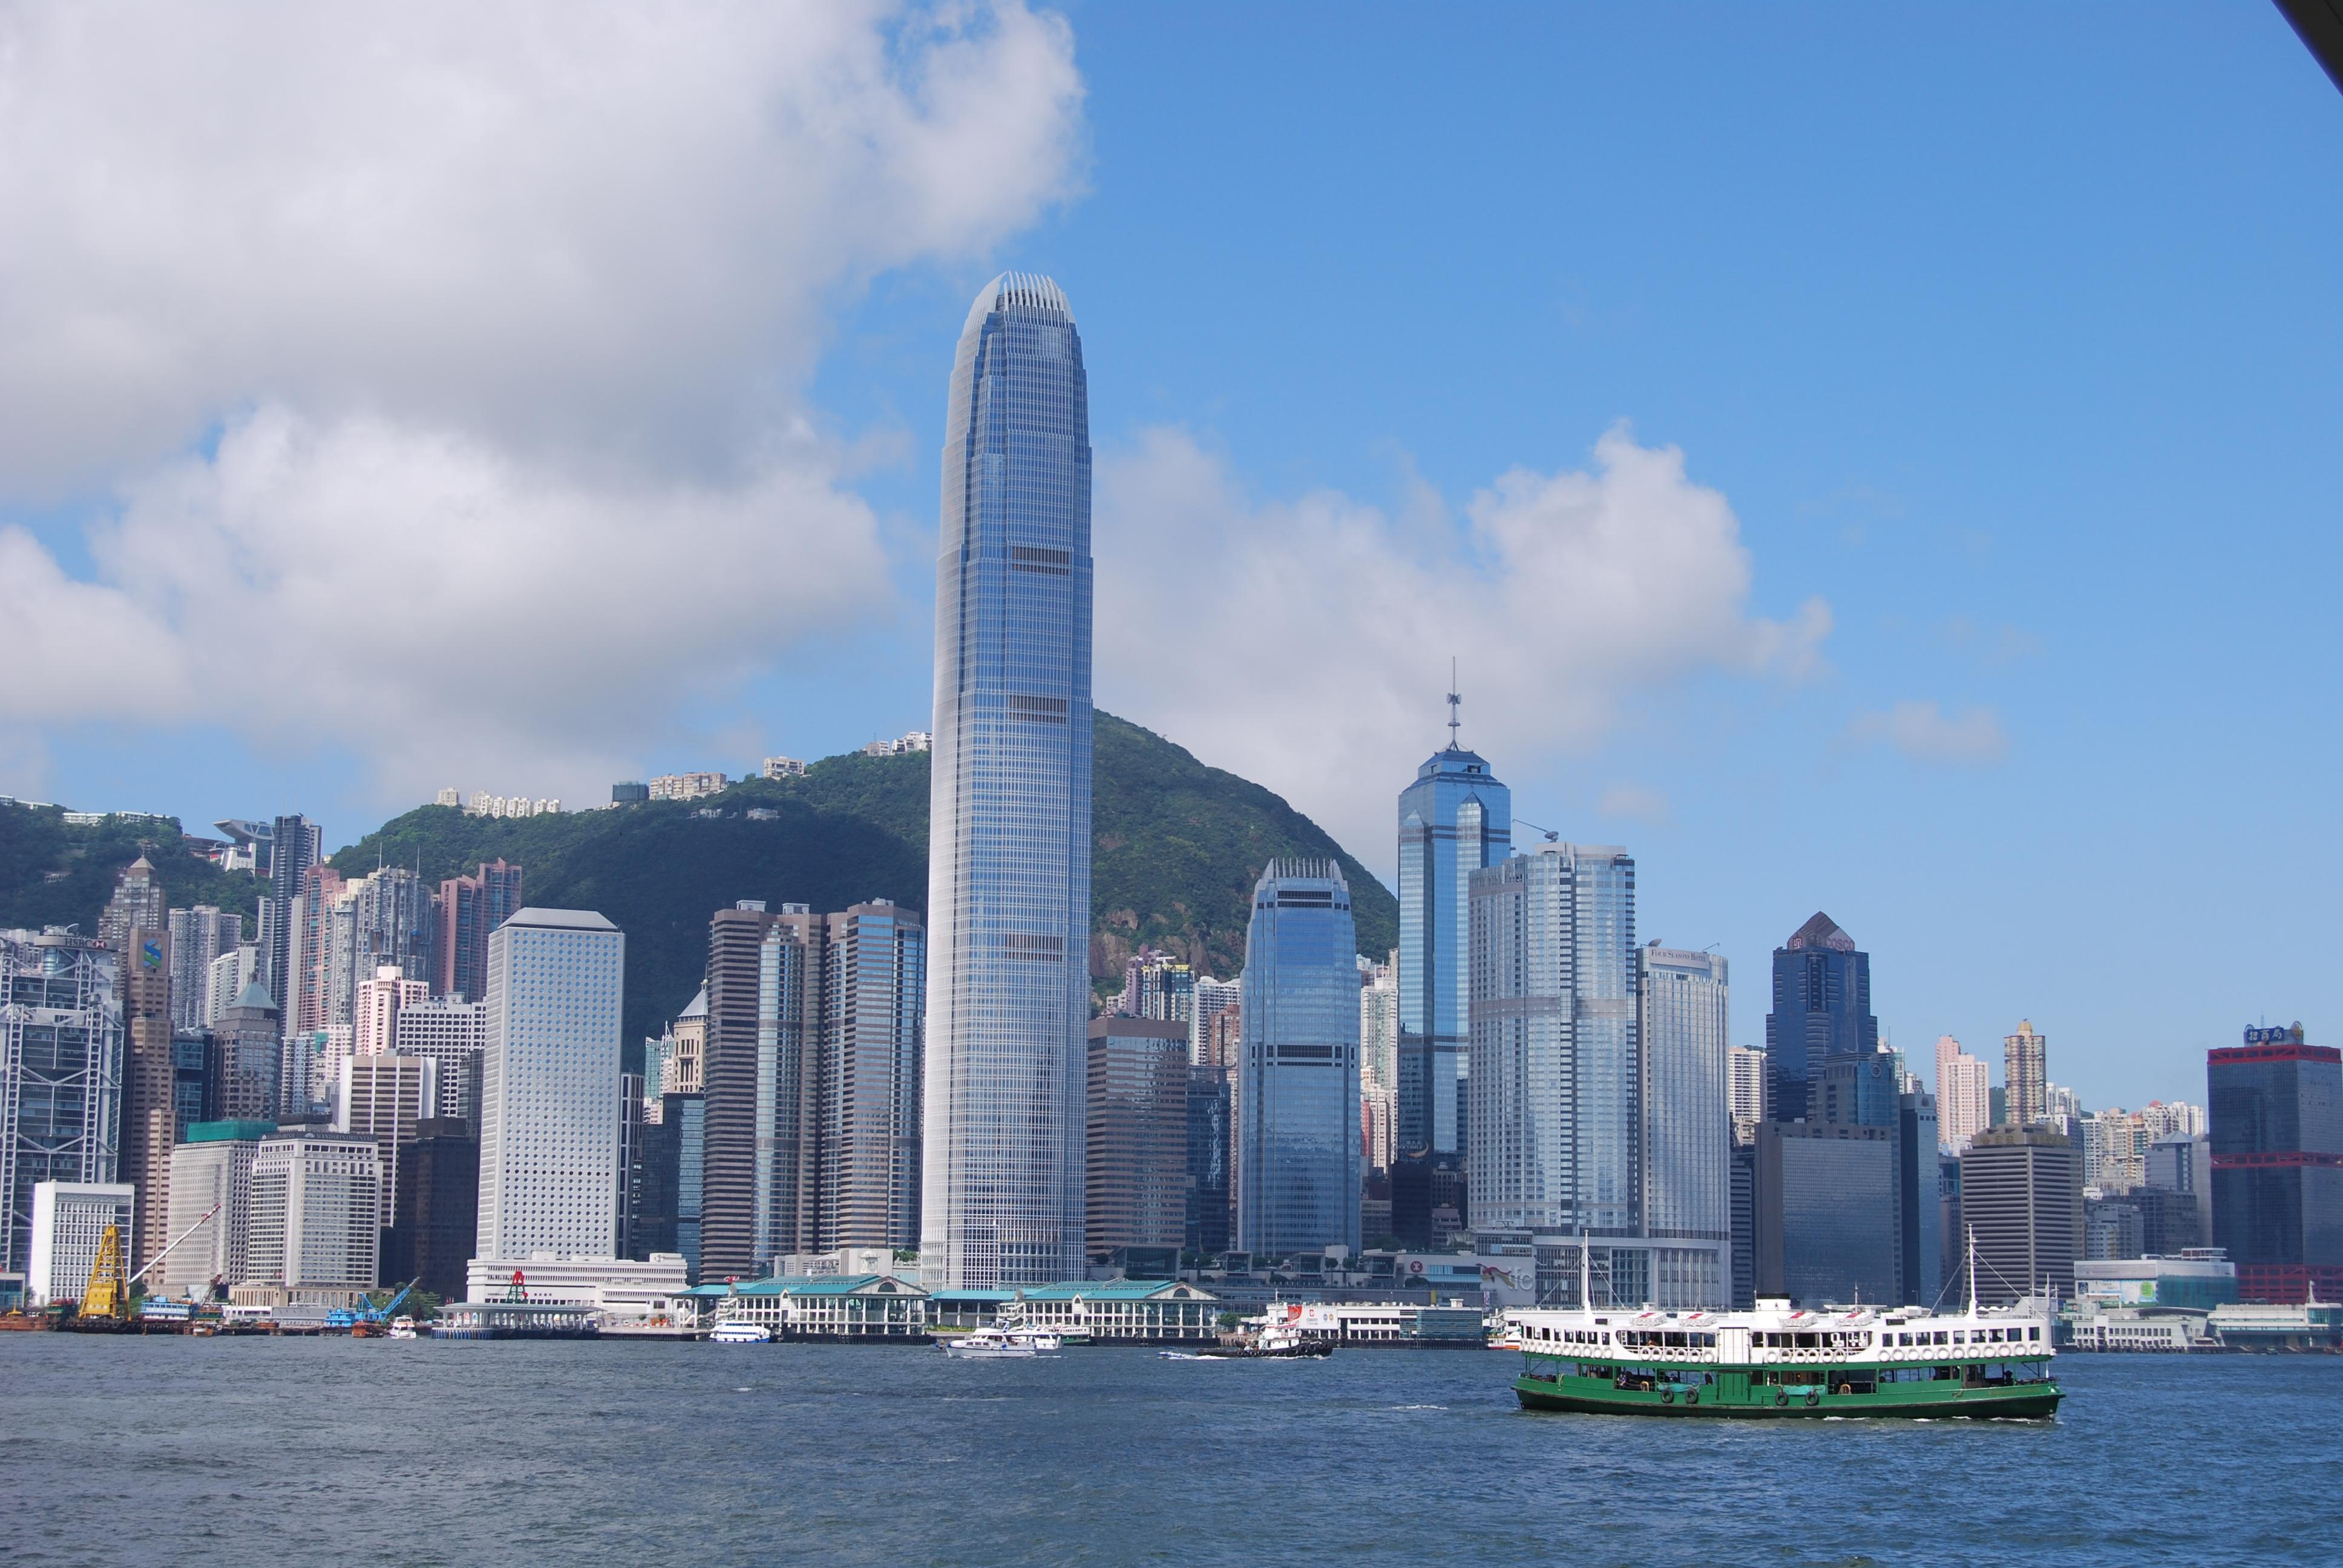 Hong Kong International Airport Hotel Shuttle